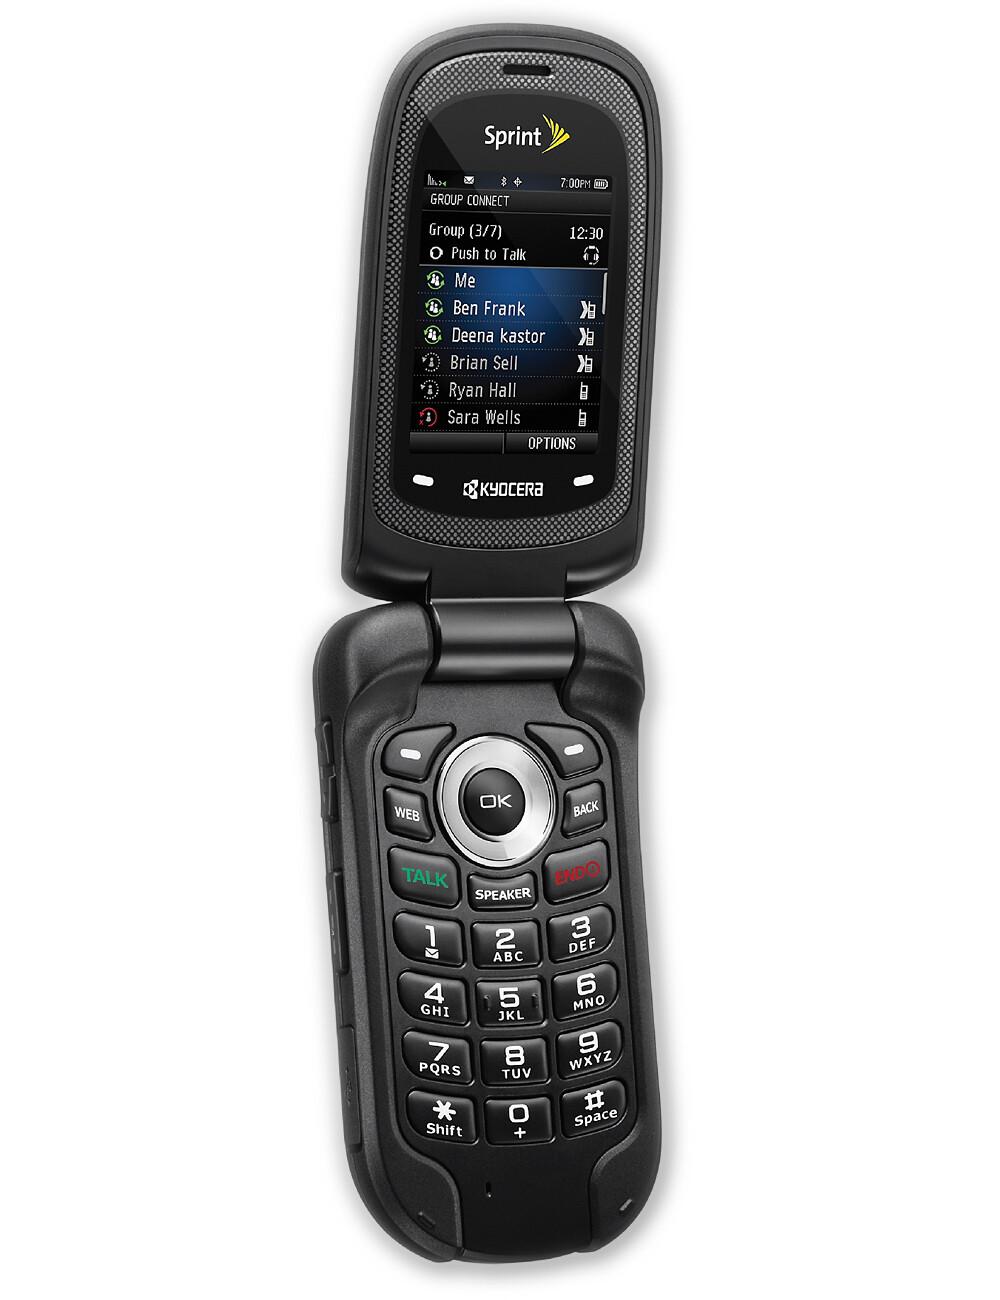 kyocera duracore specs verizon lg exalt phone manual verizon lg camera phone manual